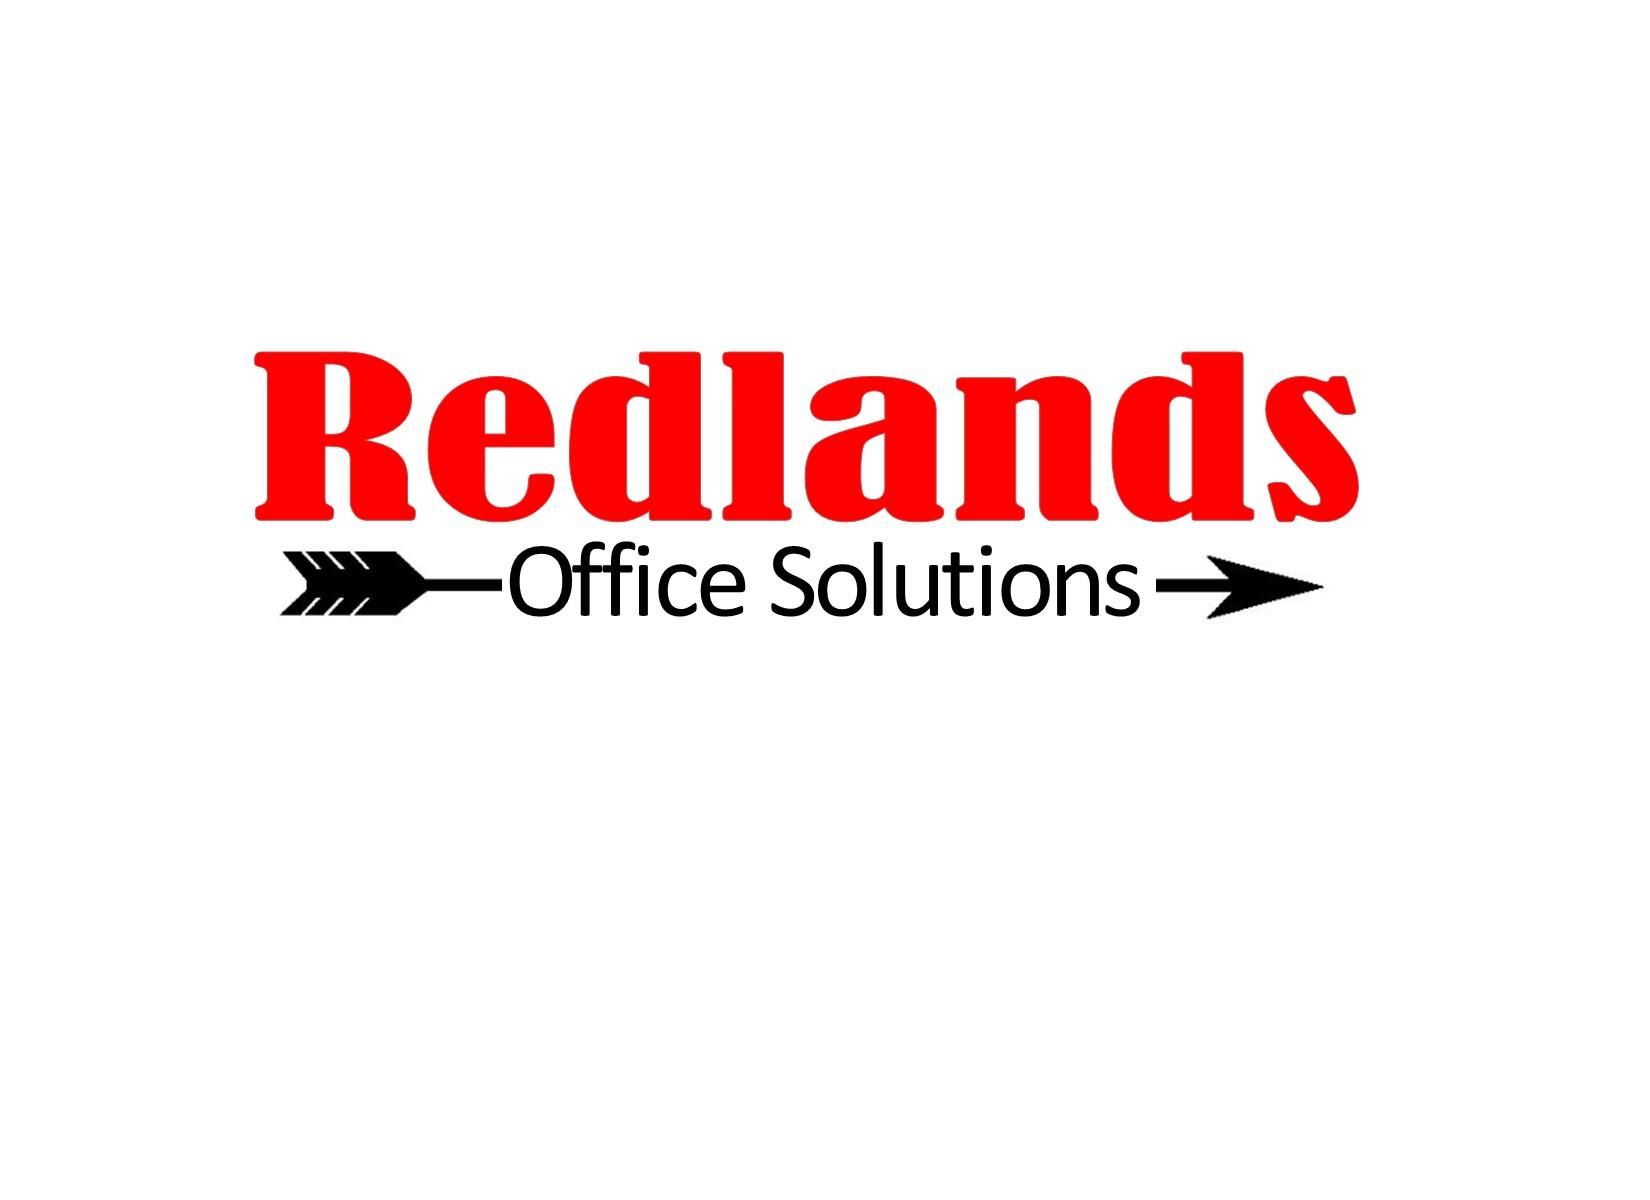 Redlands Office Solutions, LLC